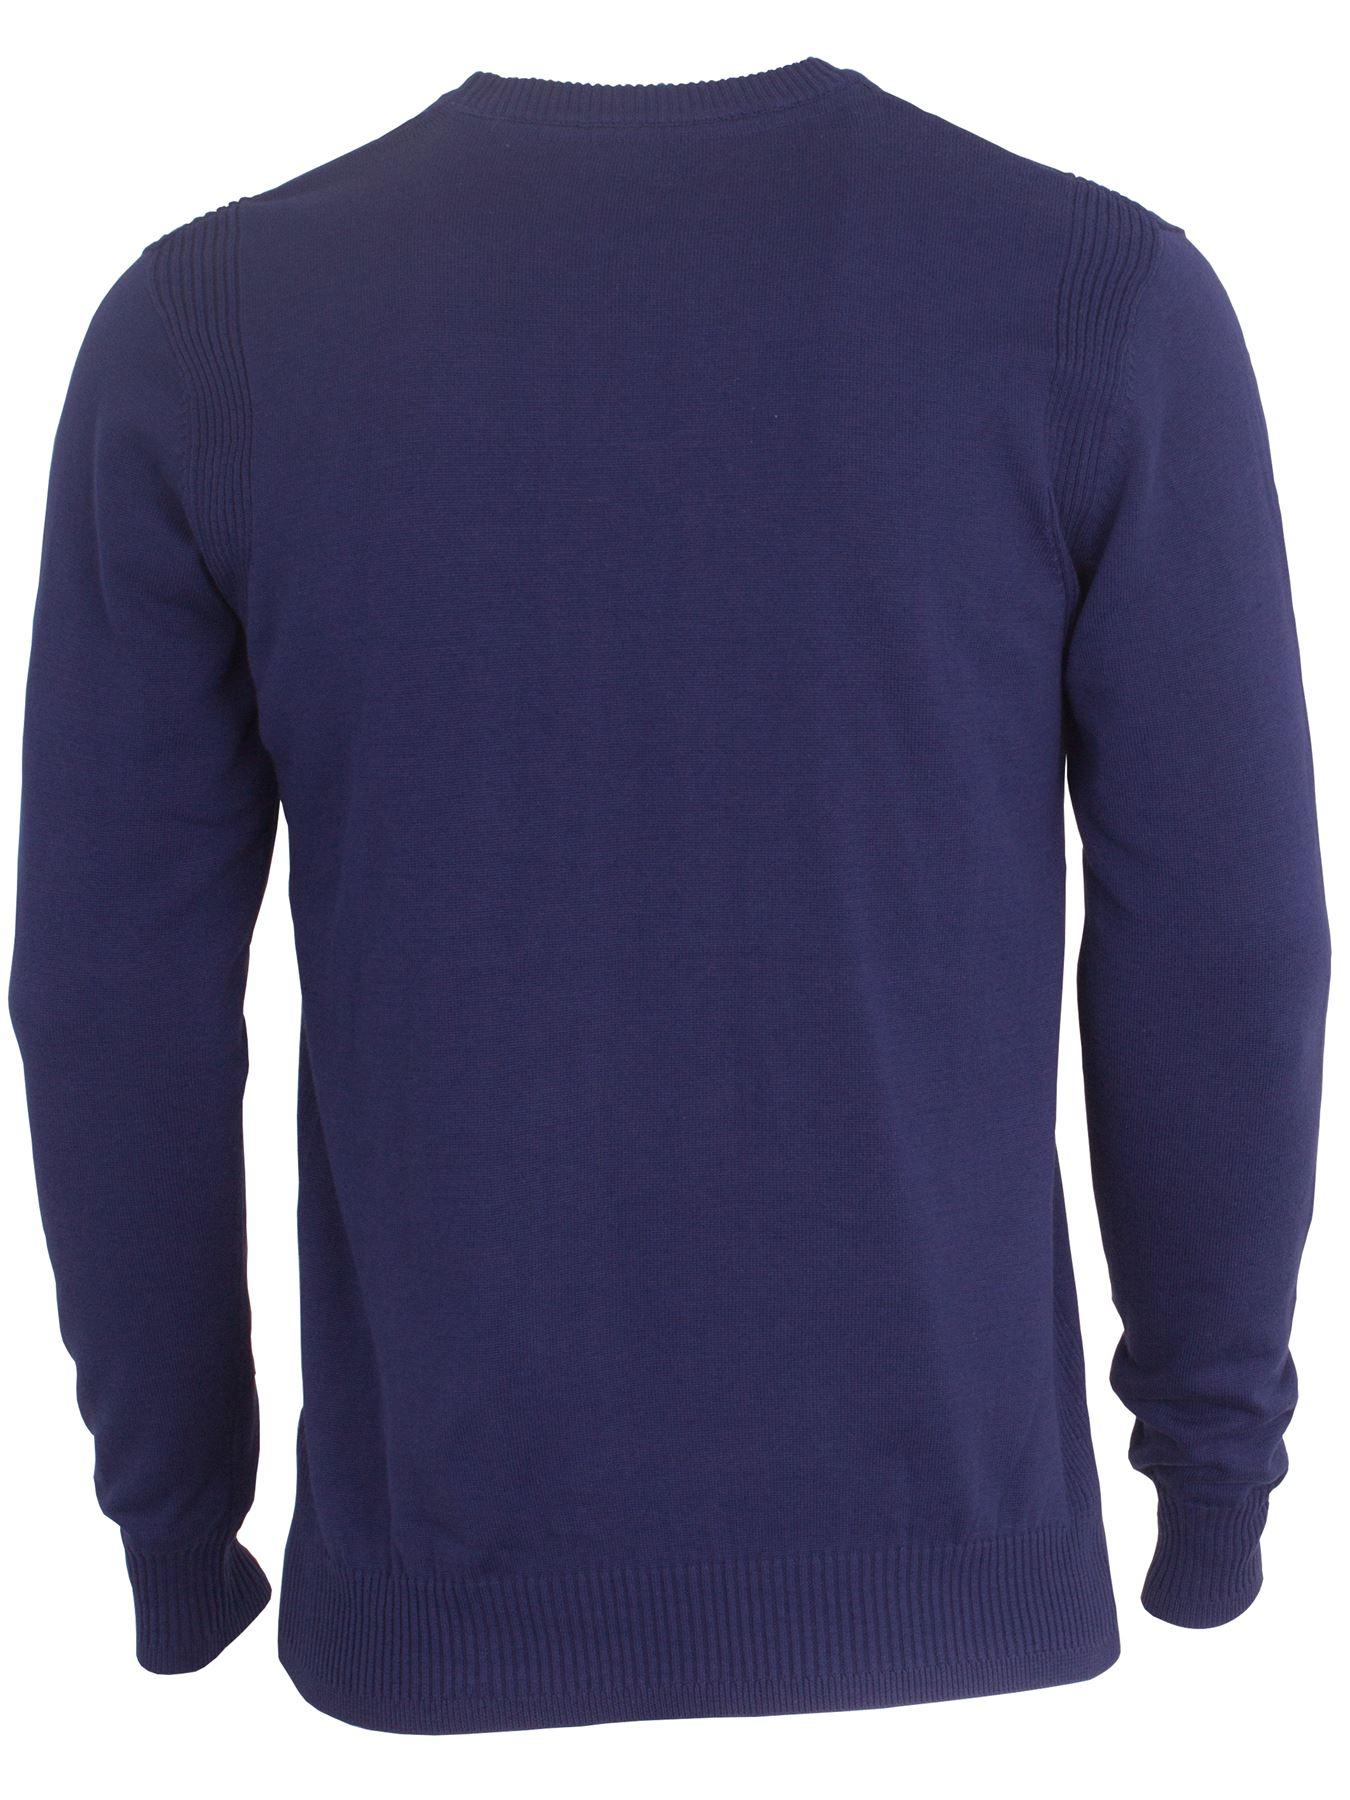 Eto-Para-Hombre-Disenador-Polo-Knitted-Jumper-cuello-redondo-generos-de-punto-manga-larga-Sueter miniatura 6